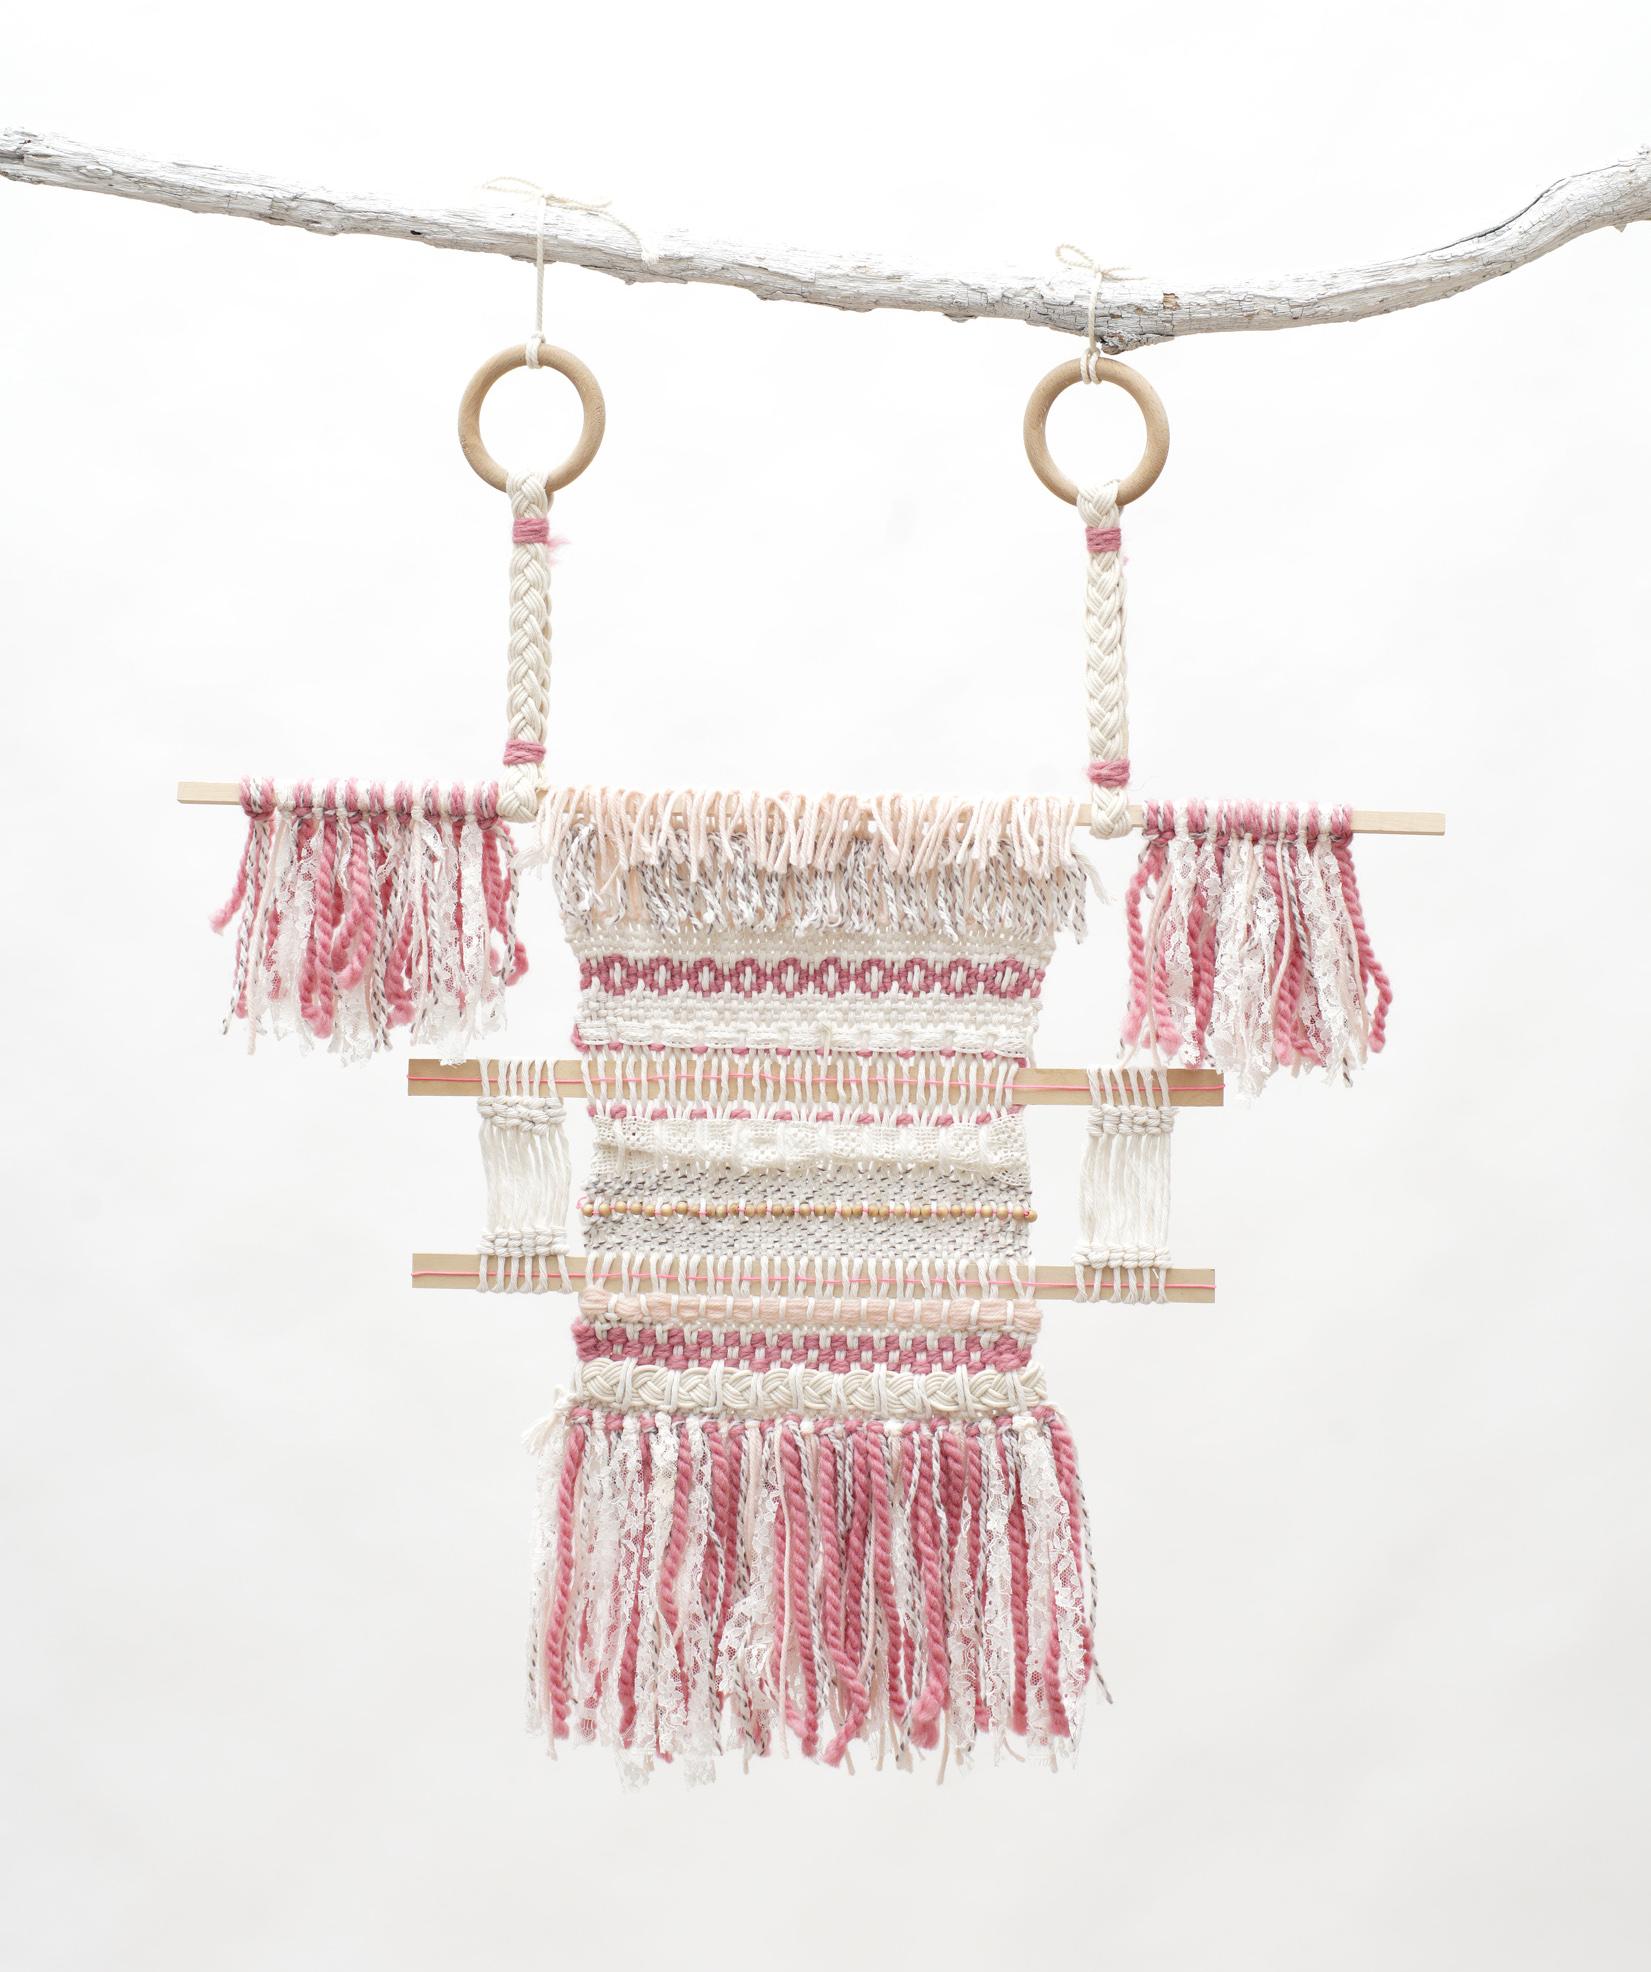 Grande Serenissime  - Weaving | 2015